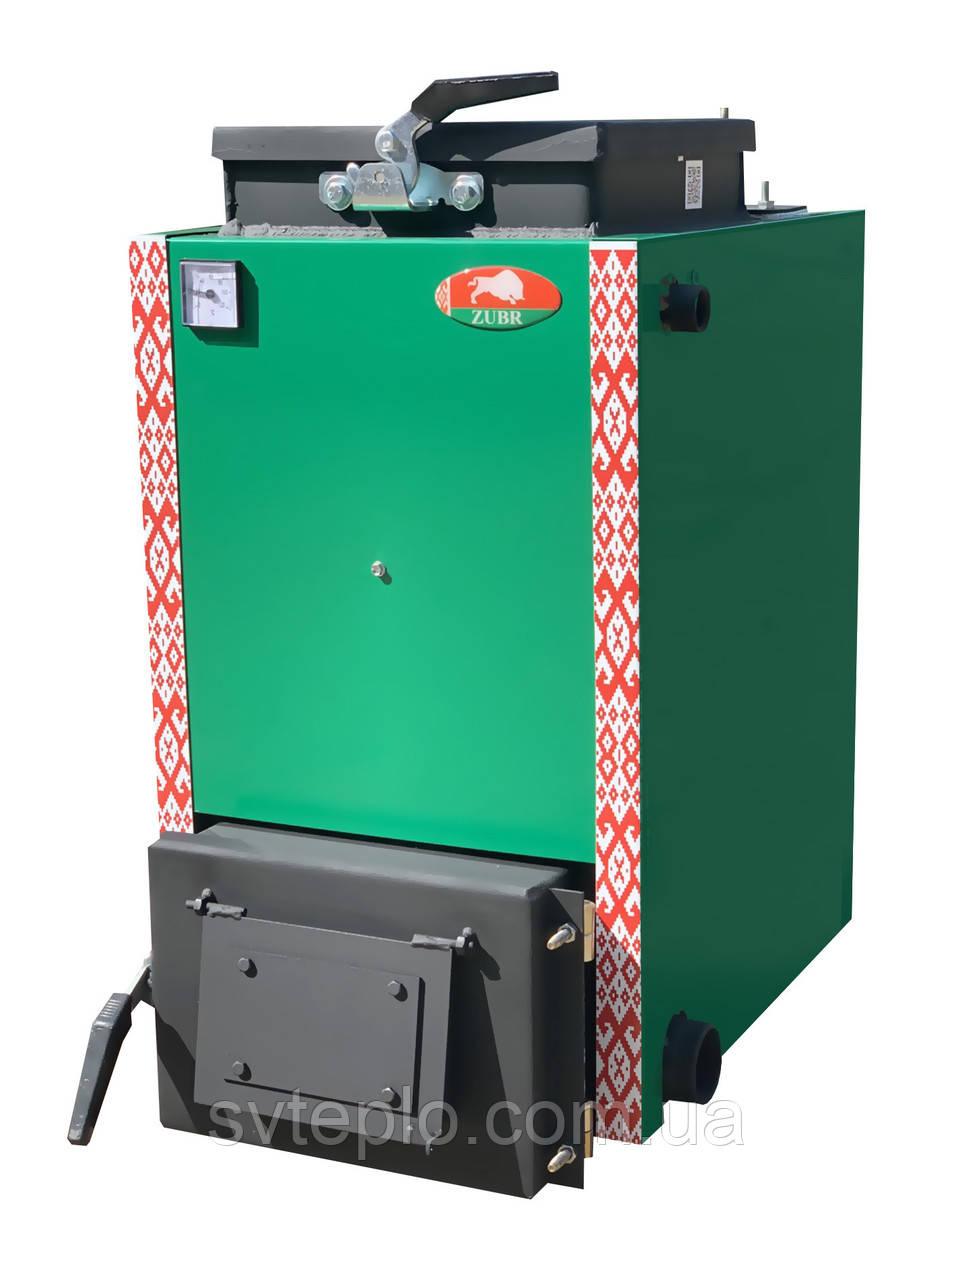 Шахтный котел Холмова Зубр Мини 12 кВт. Сталь 5 мм.